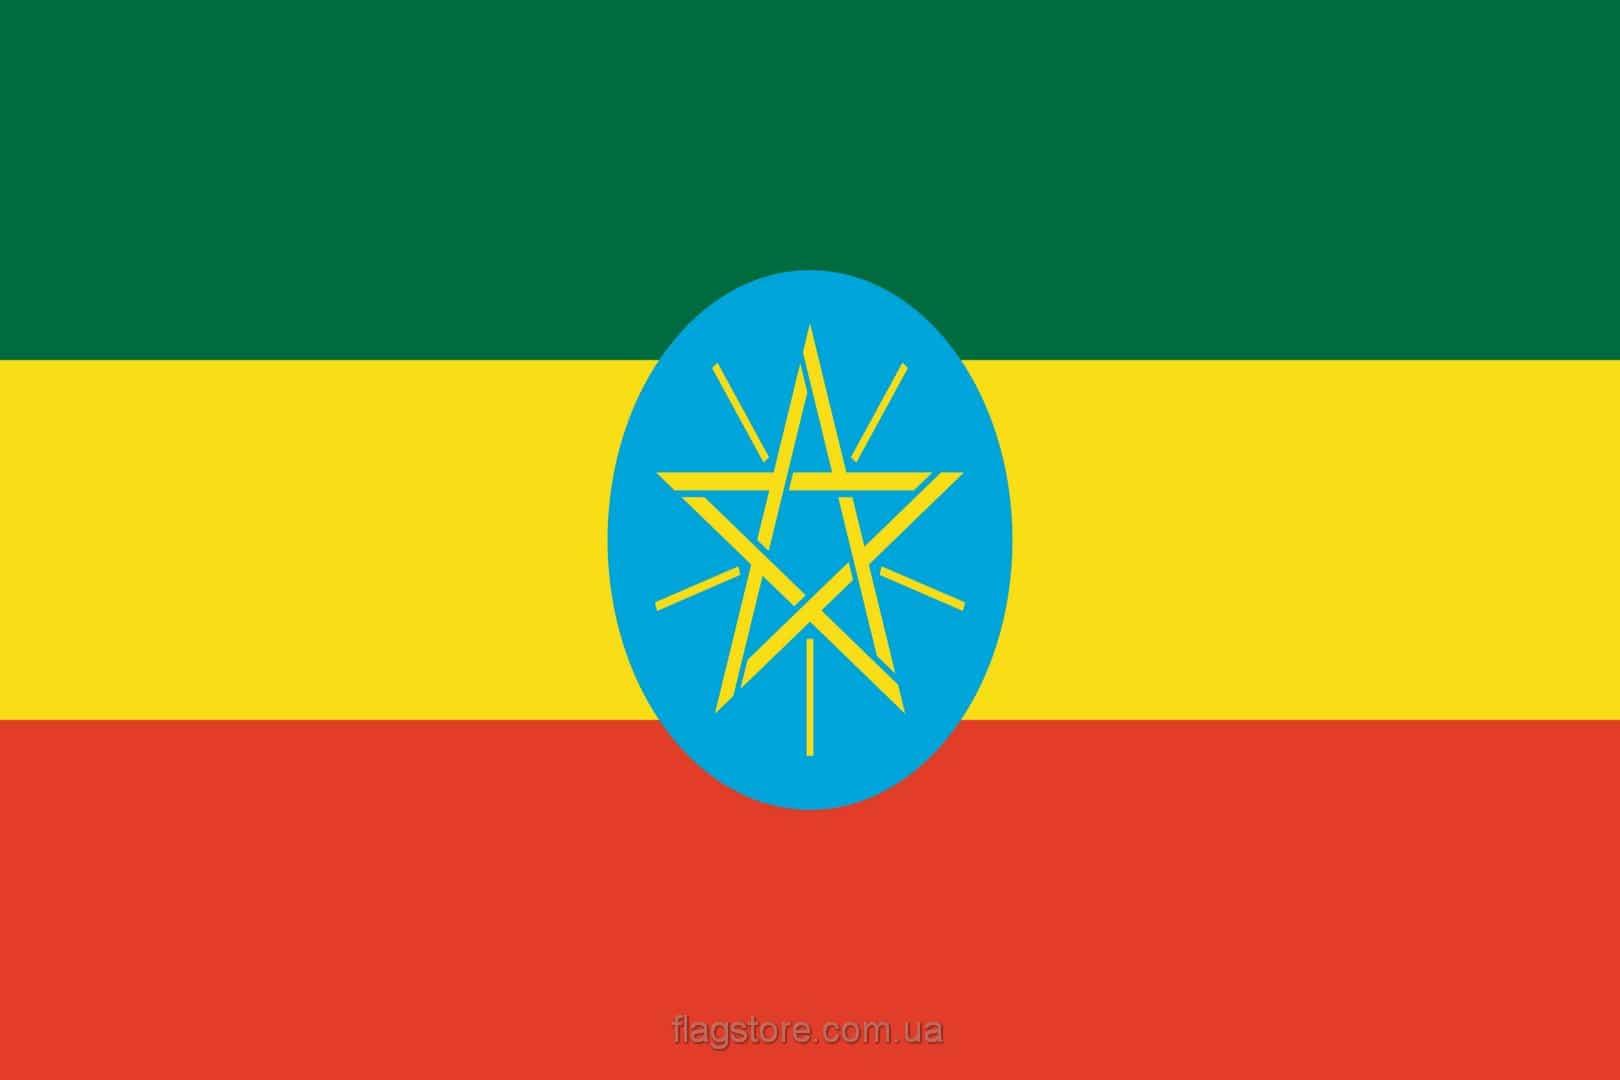 Купить флаг Эфиопии (страны Эфиопия)